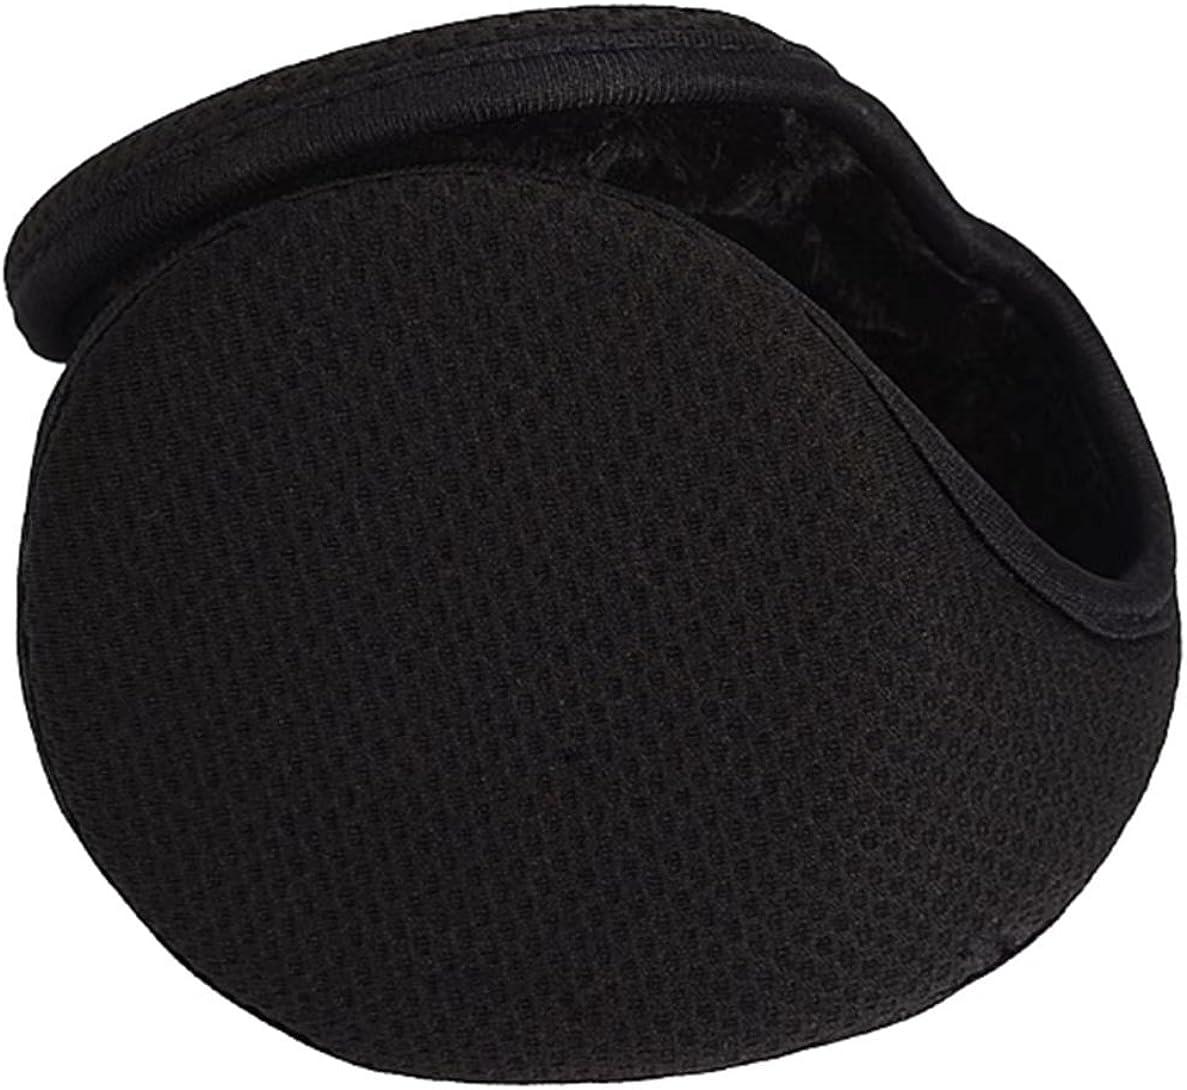 Unisex Knit EarMuffs Faux Furry Earwarmer Winter Outdoor EarMuffs